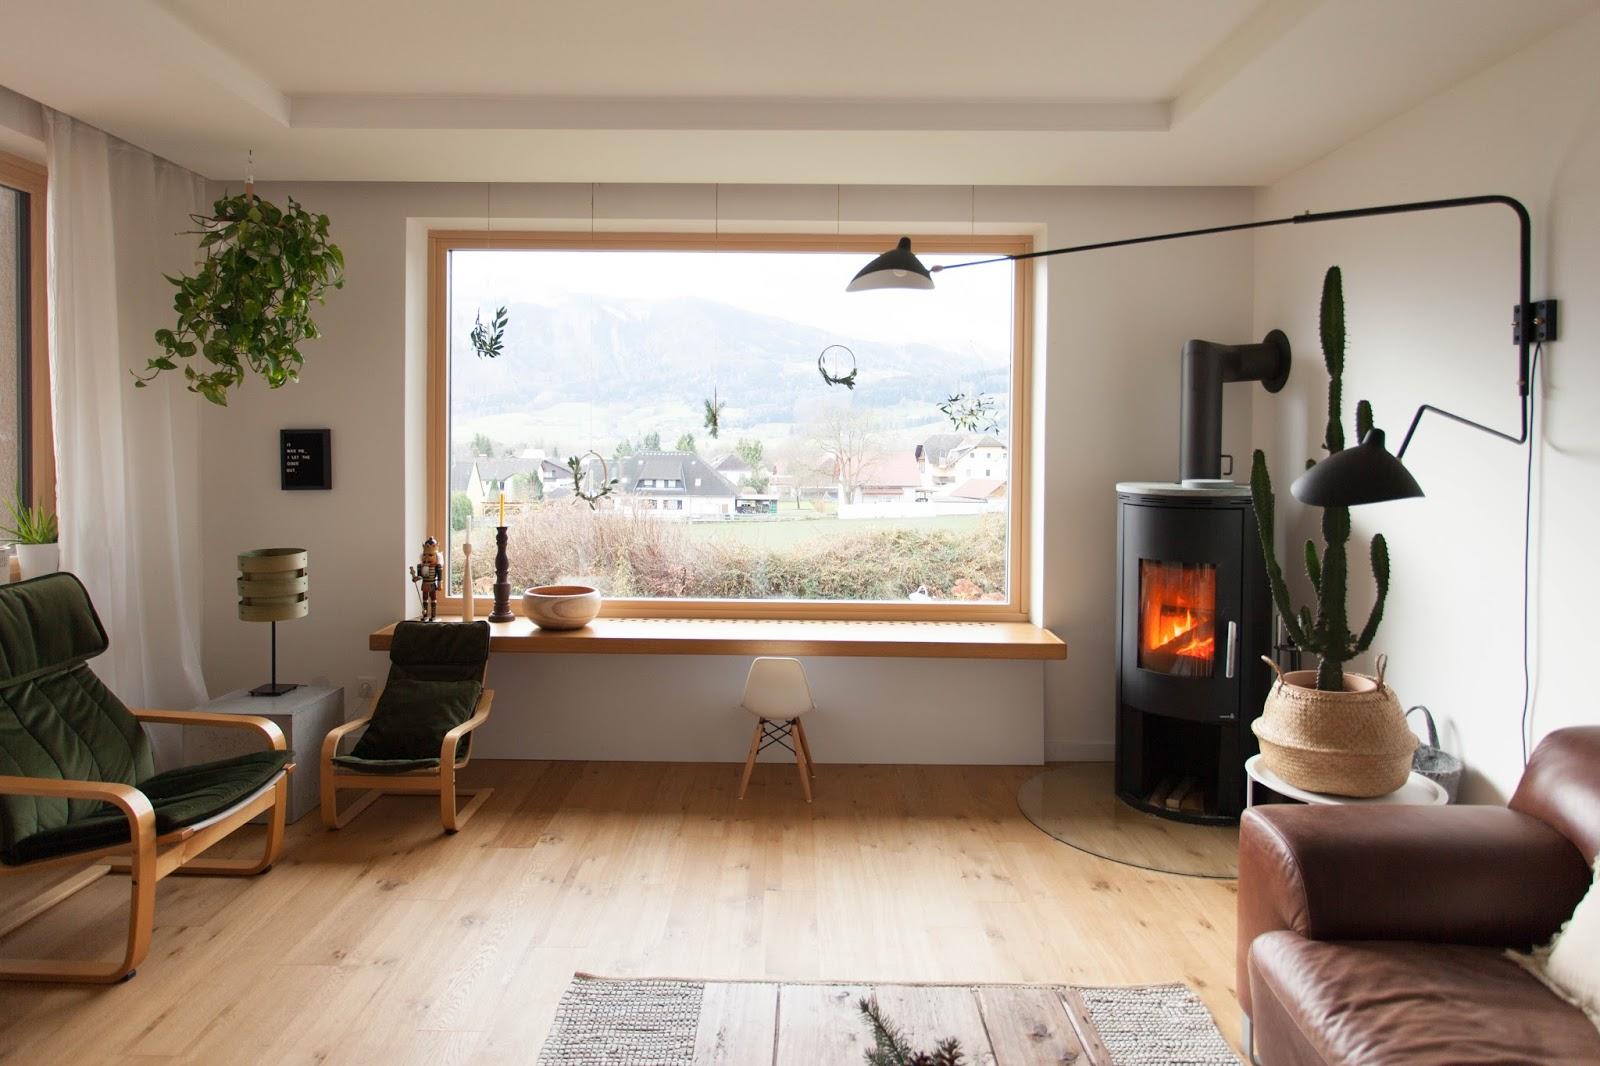 2017 - WOHNPROJEKT - Wohnblog für Interior, DIY und Lifestyle